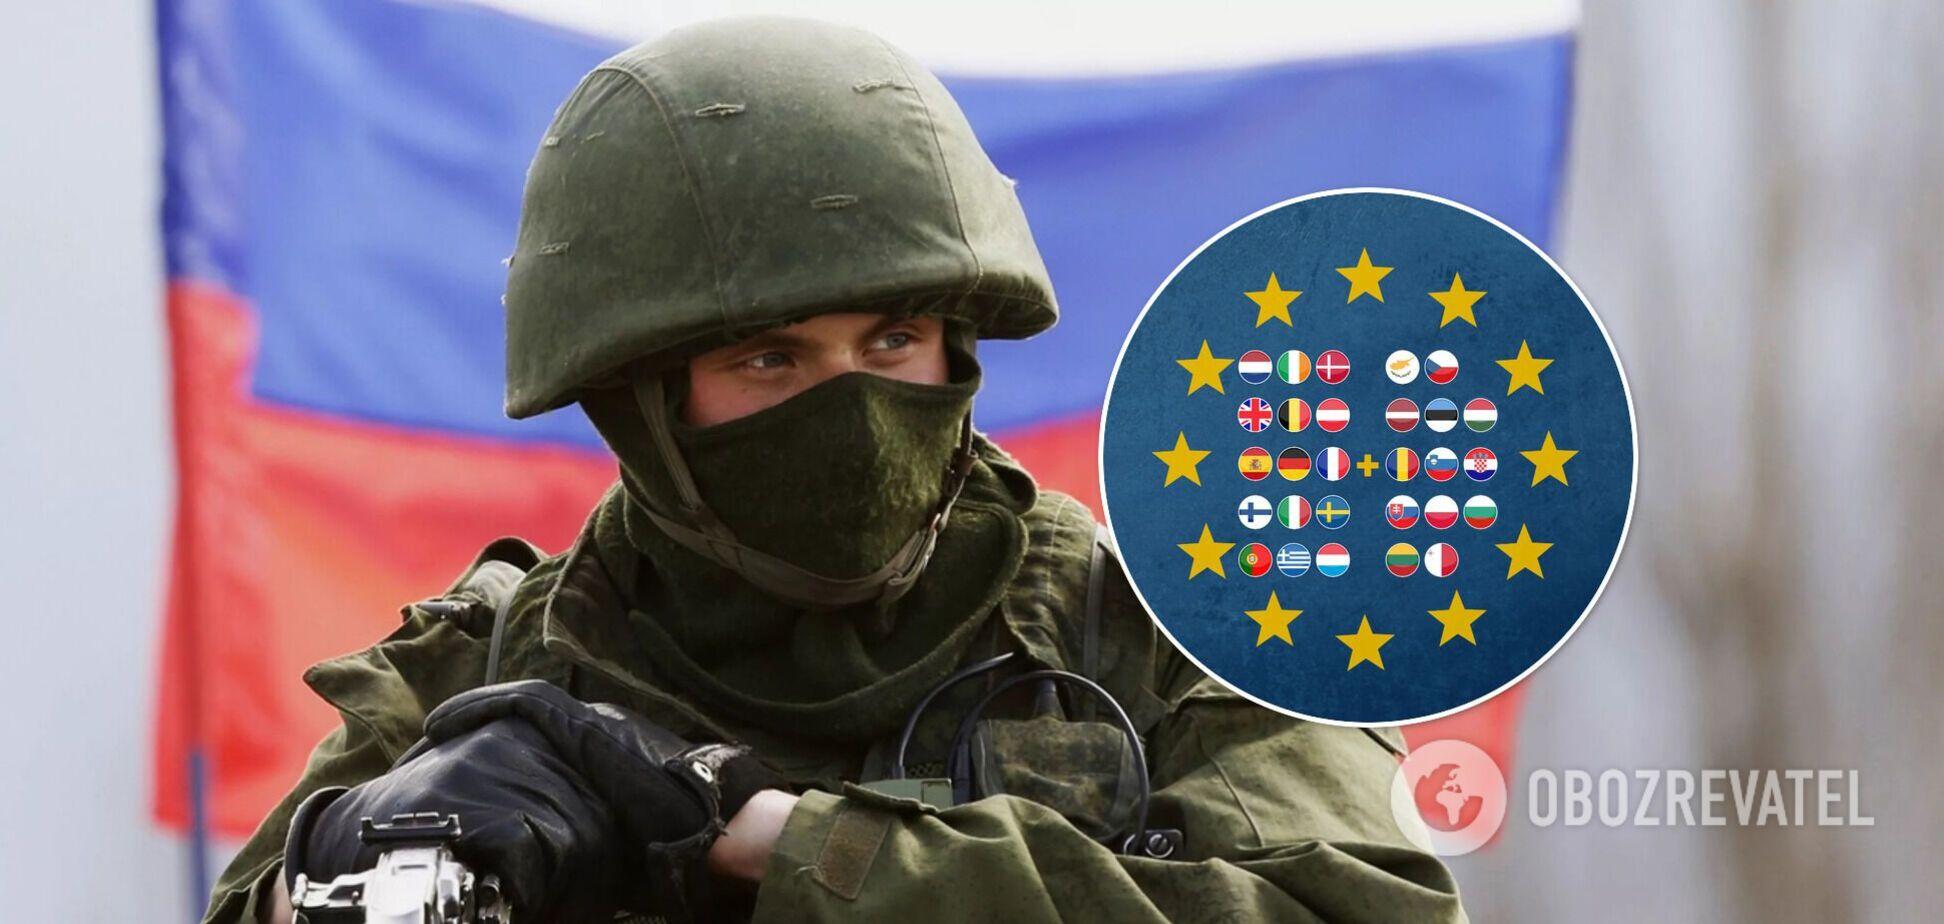 Российская агрессия угрожает всем странам Европы, – польский генерал